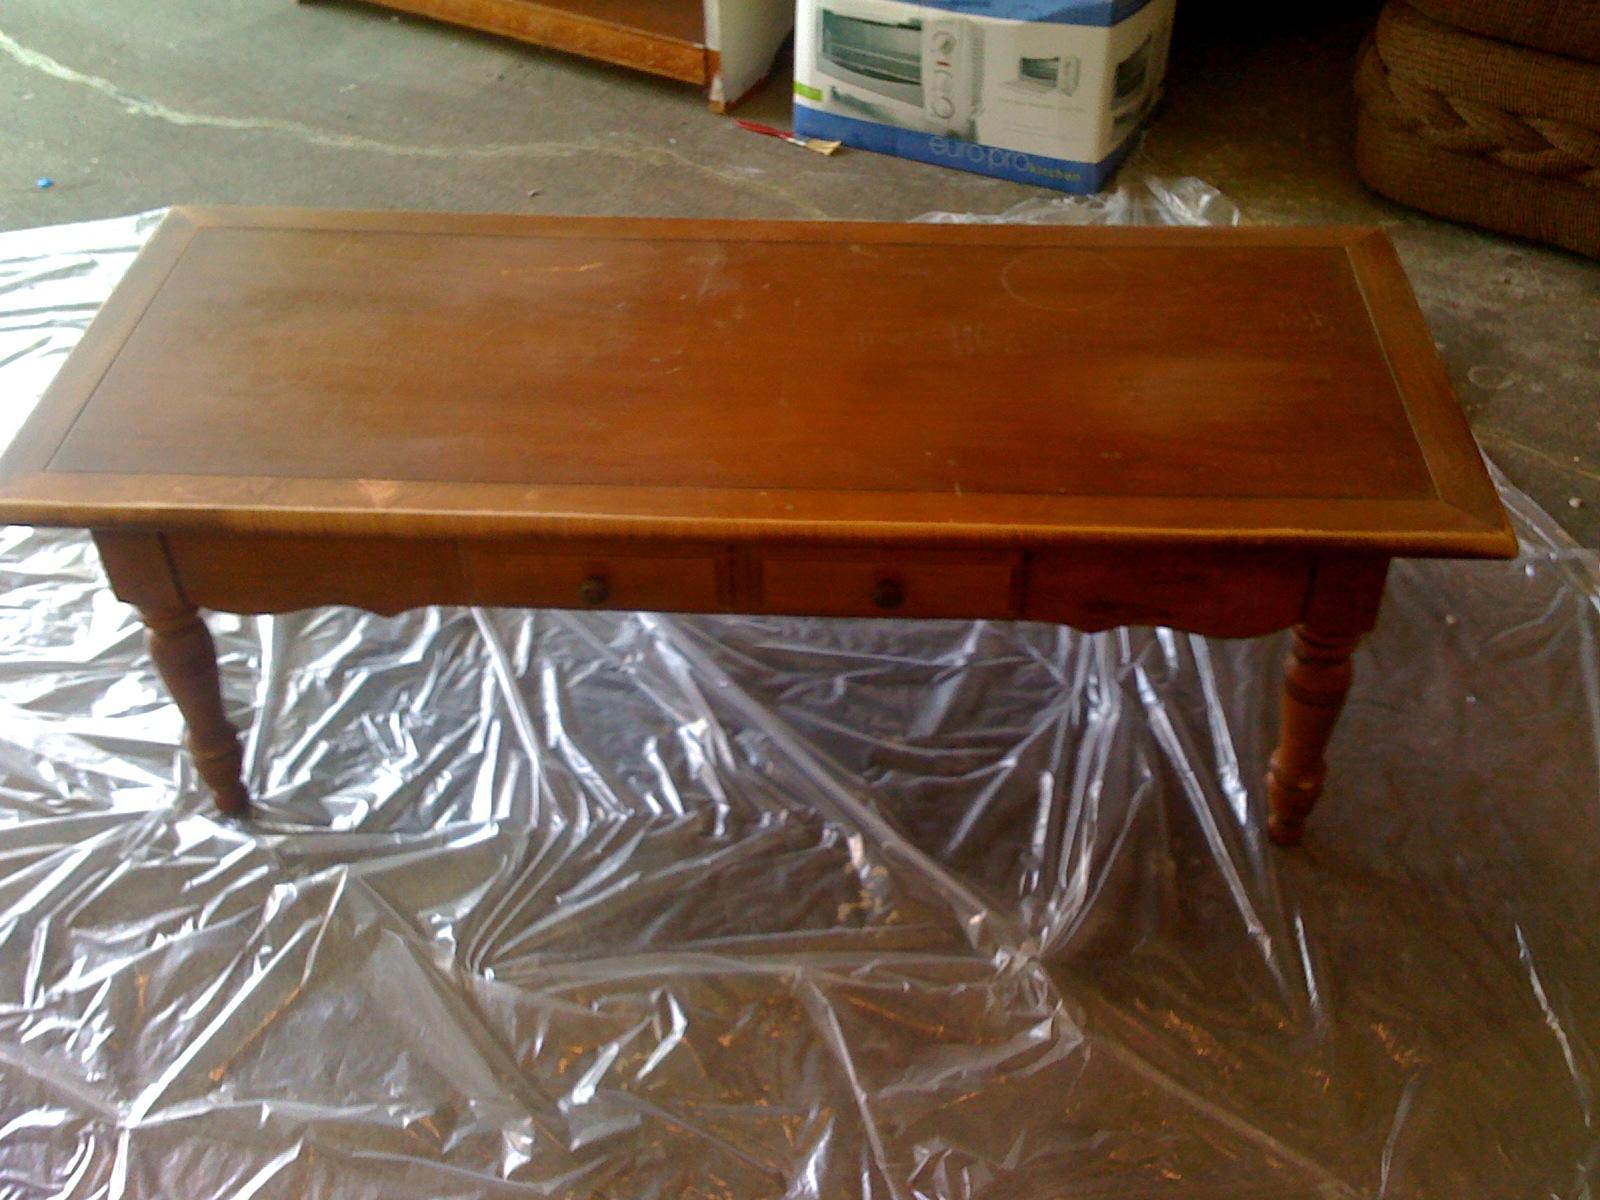 http://1.bp.blogspot.com/-xg0V2JNftDo/Twj81tz0fCI/AAAAAAAAADU/3WhTLHuGk74/s1600/coffeetable-before.jpg